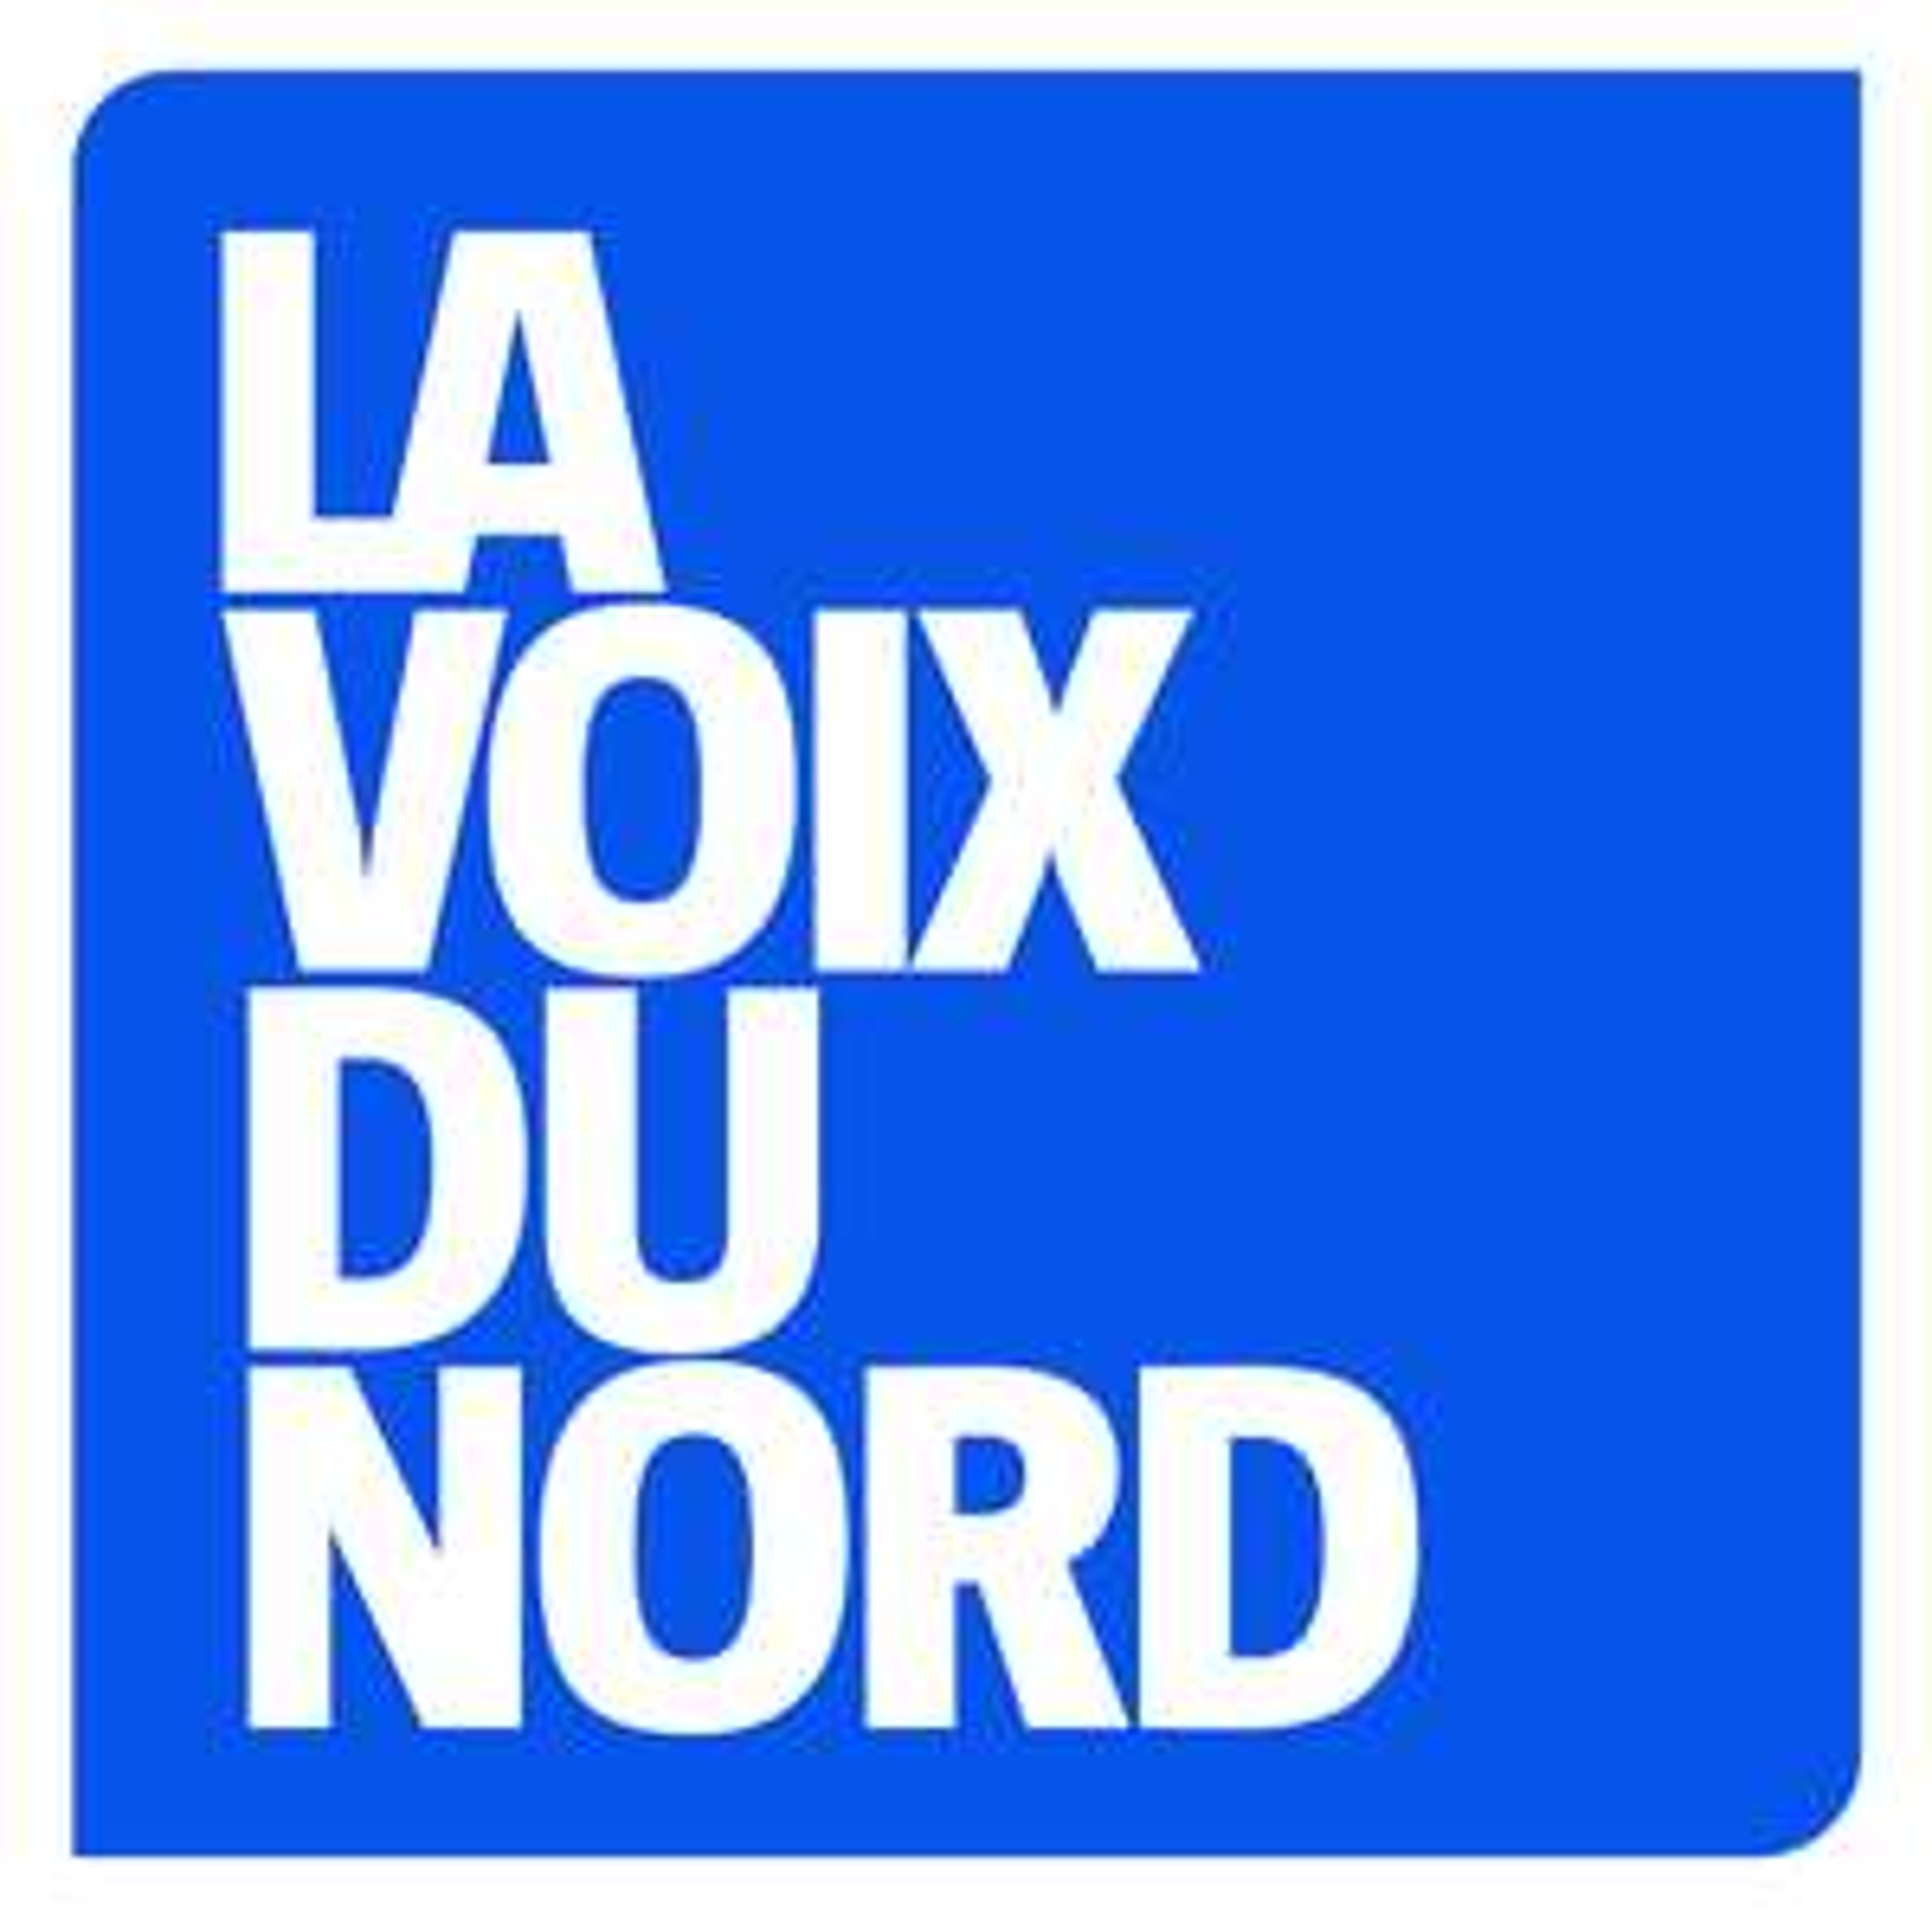 24 Mois d'abonnement à La voix du nord + Tablette Apple iPad (367.59€ avec Assistant vocal) - LaVoixDuNord-Espace-Abonnement.LaVoix.com